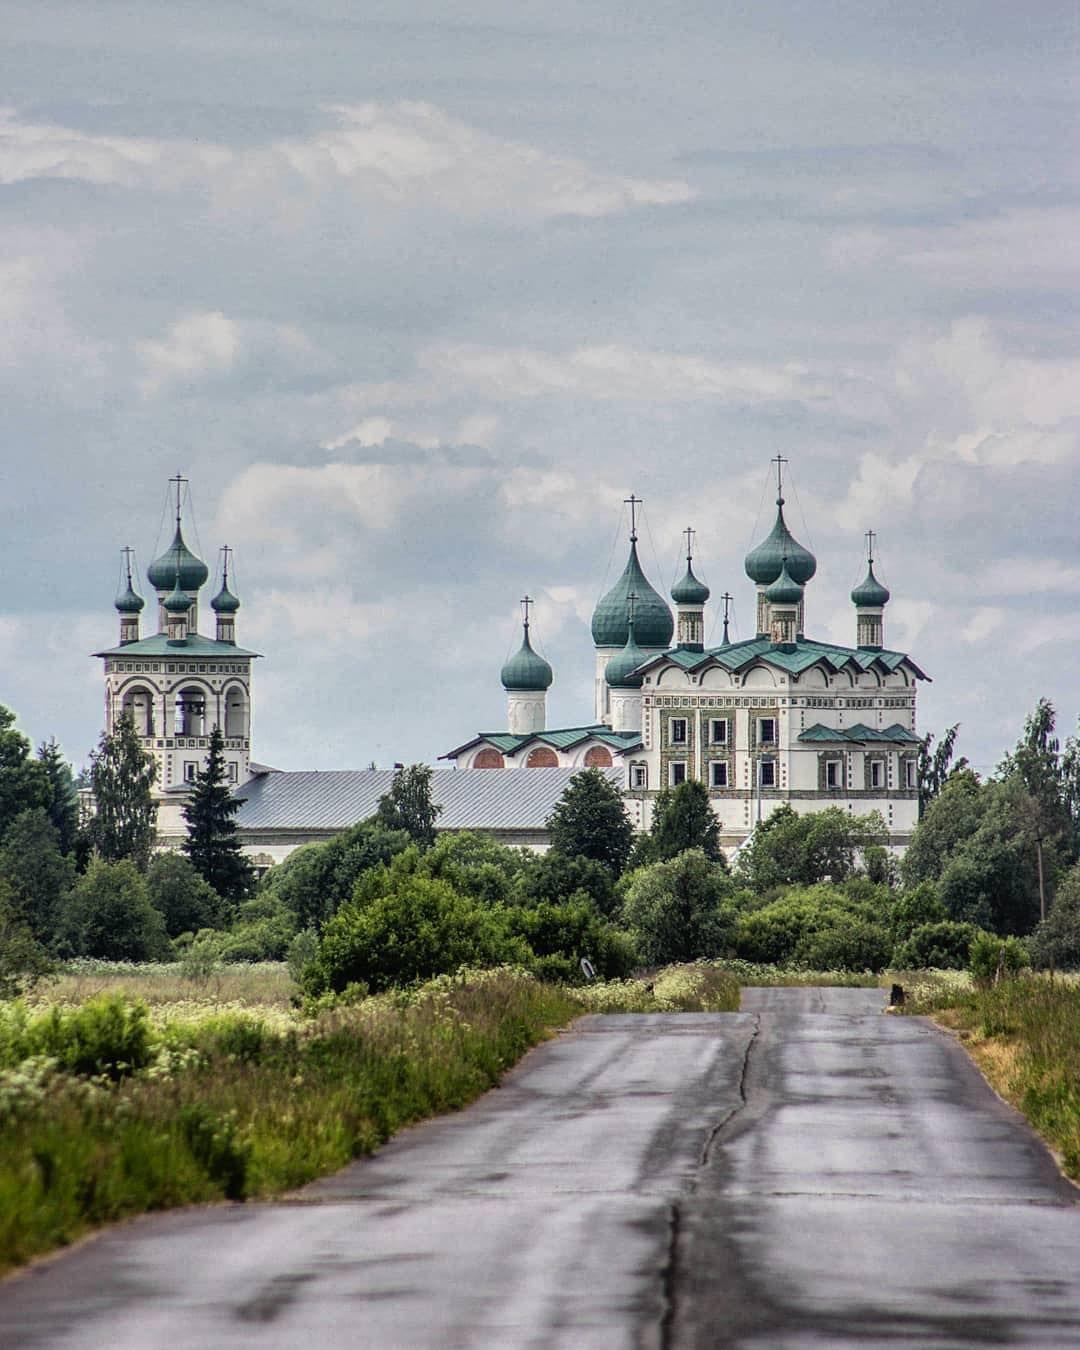 Николо-Вяжищский монастырь ⠀ ⠀⠀⠀⠀ ⠀ ⠀